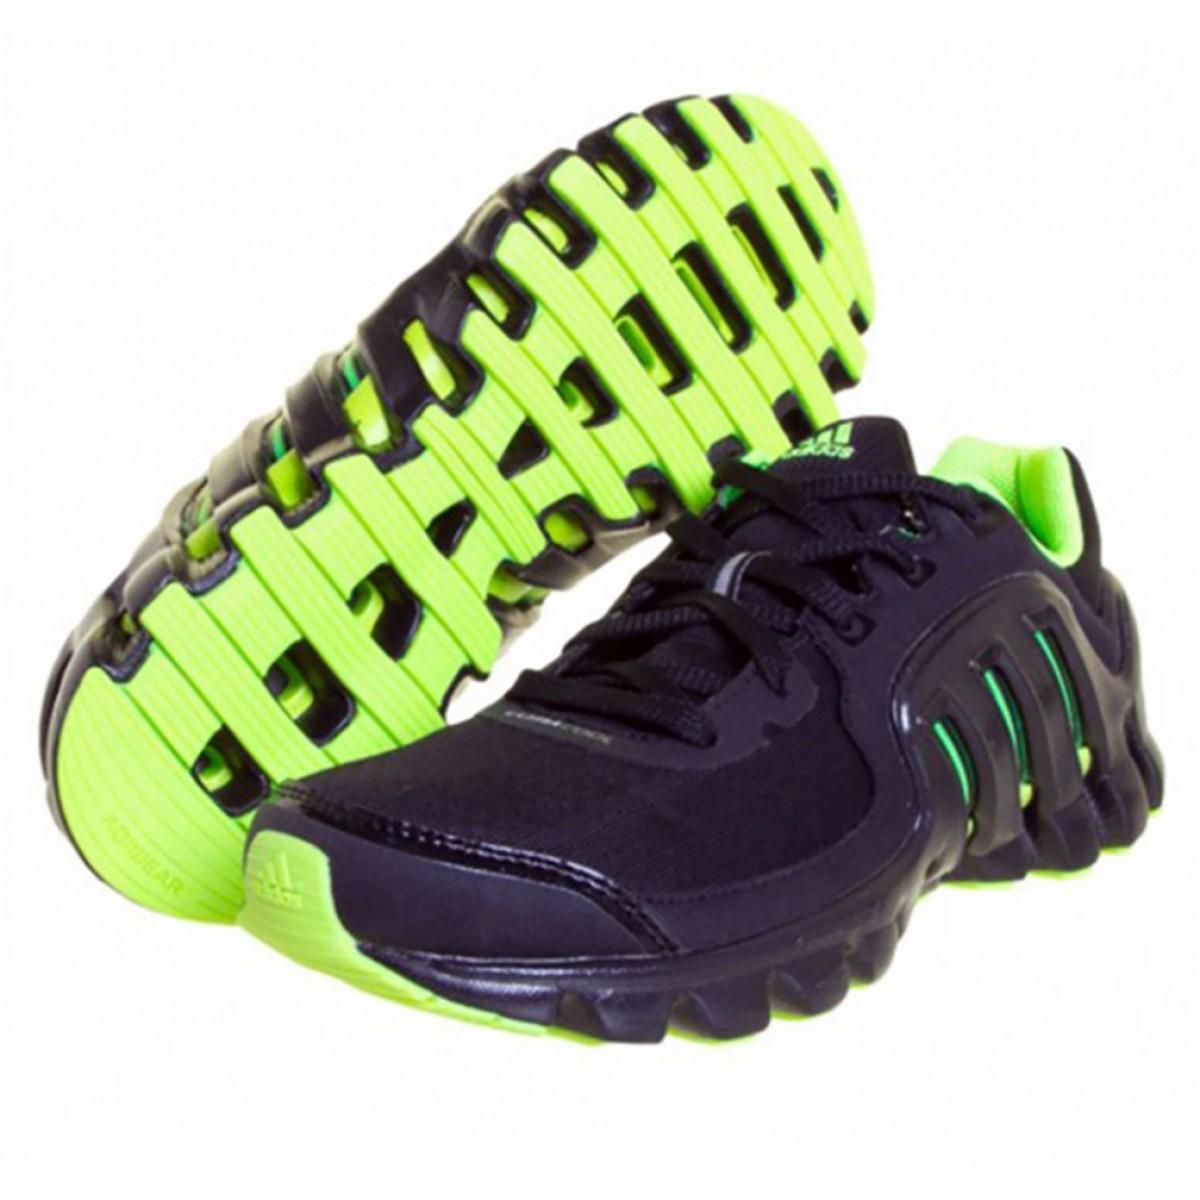 77a006def Tênis Adidas Clima Xtreme Masculino - Preto e Verde ...